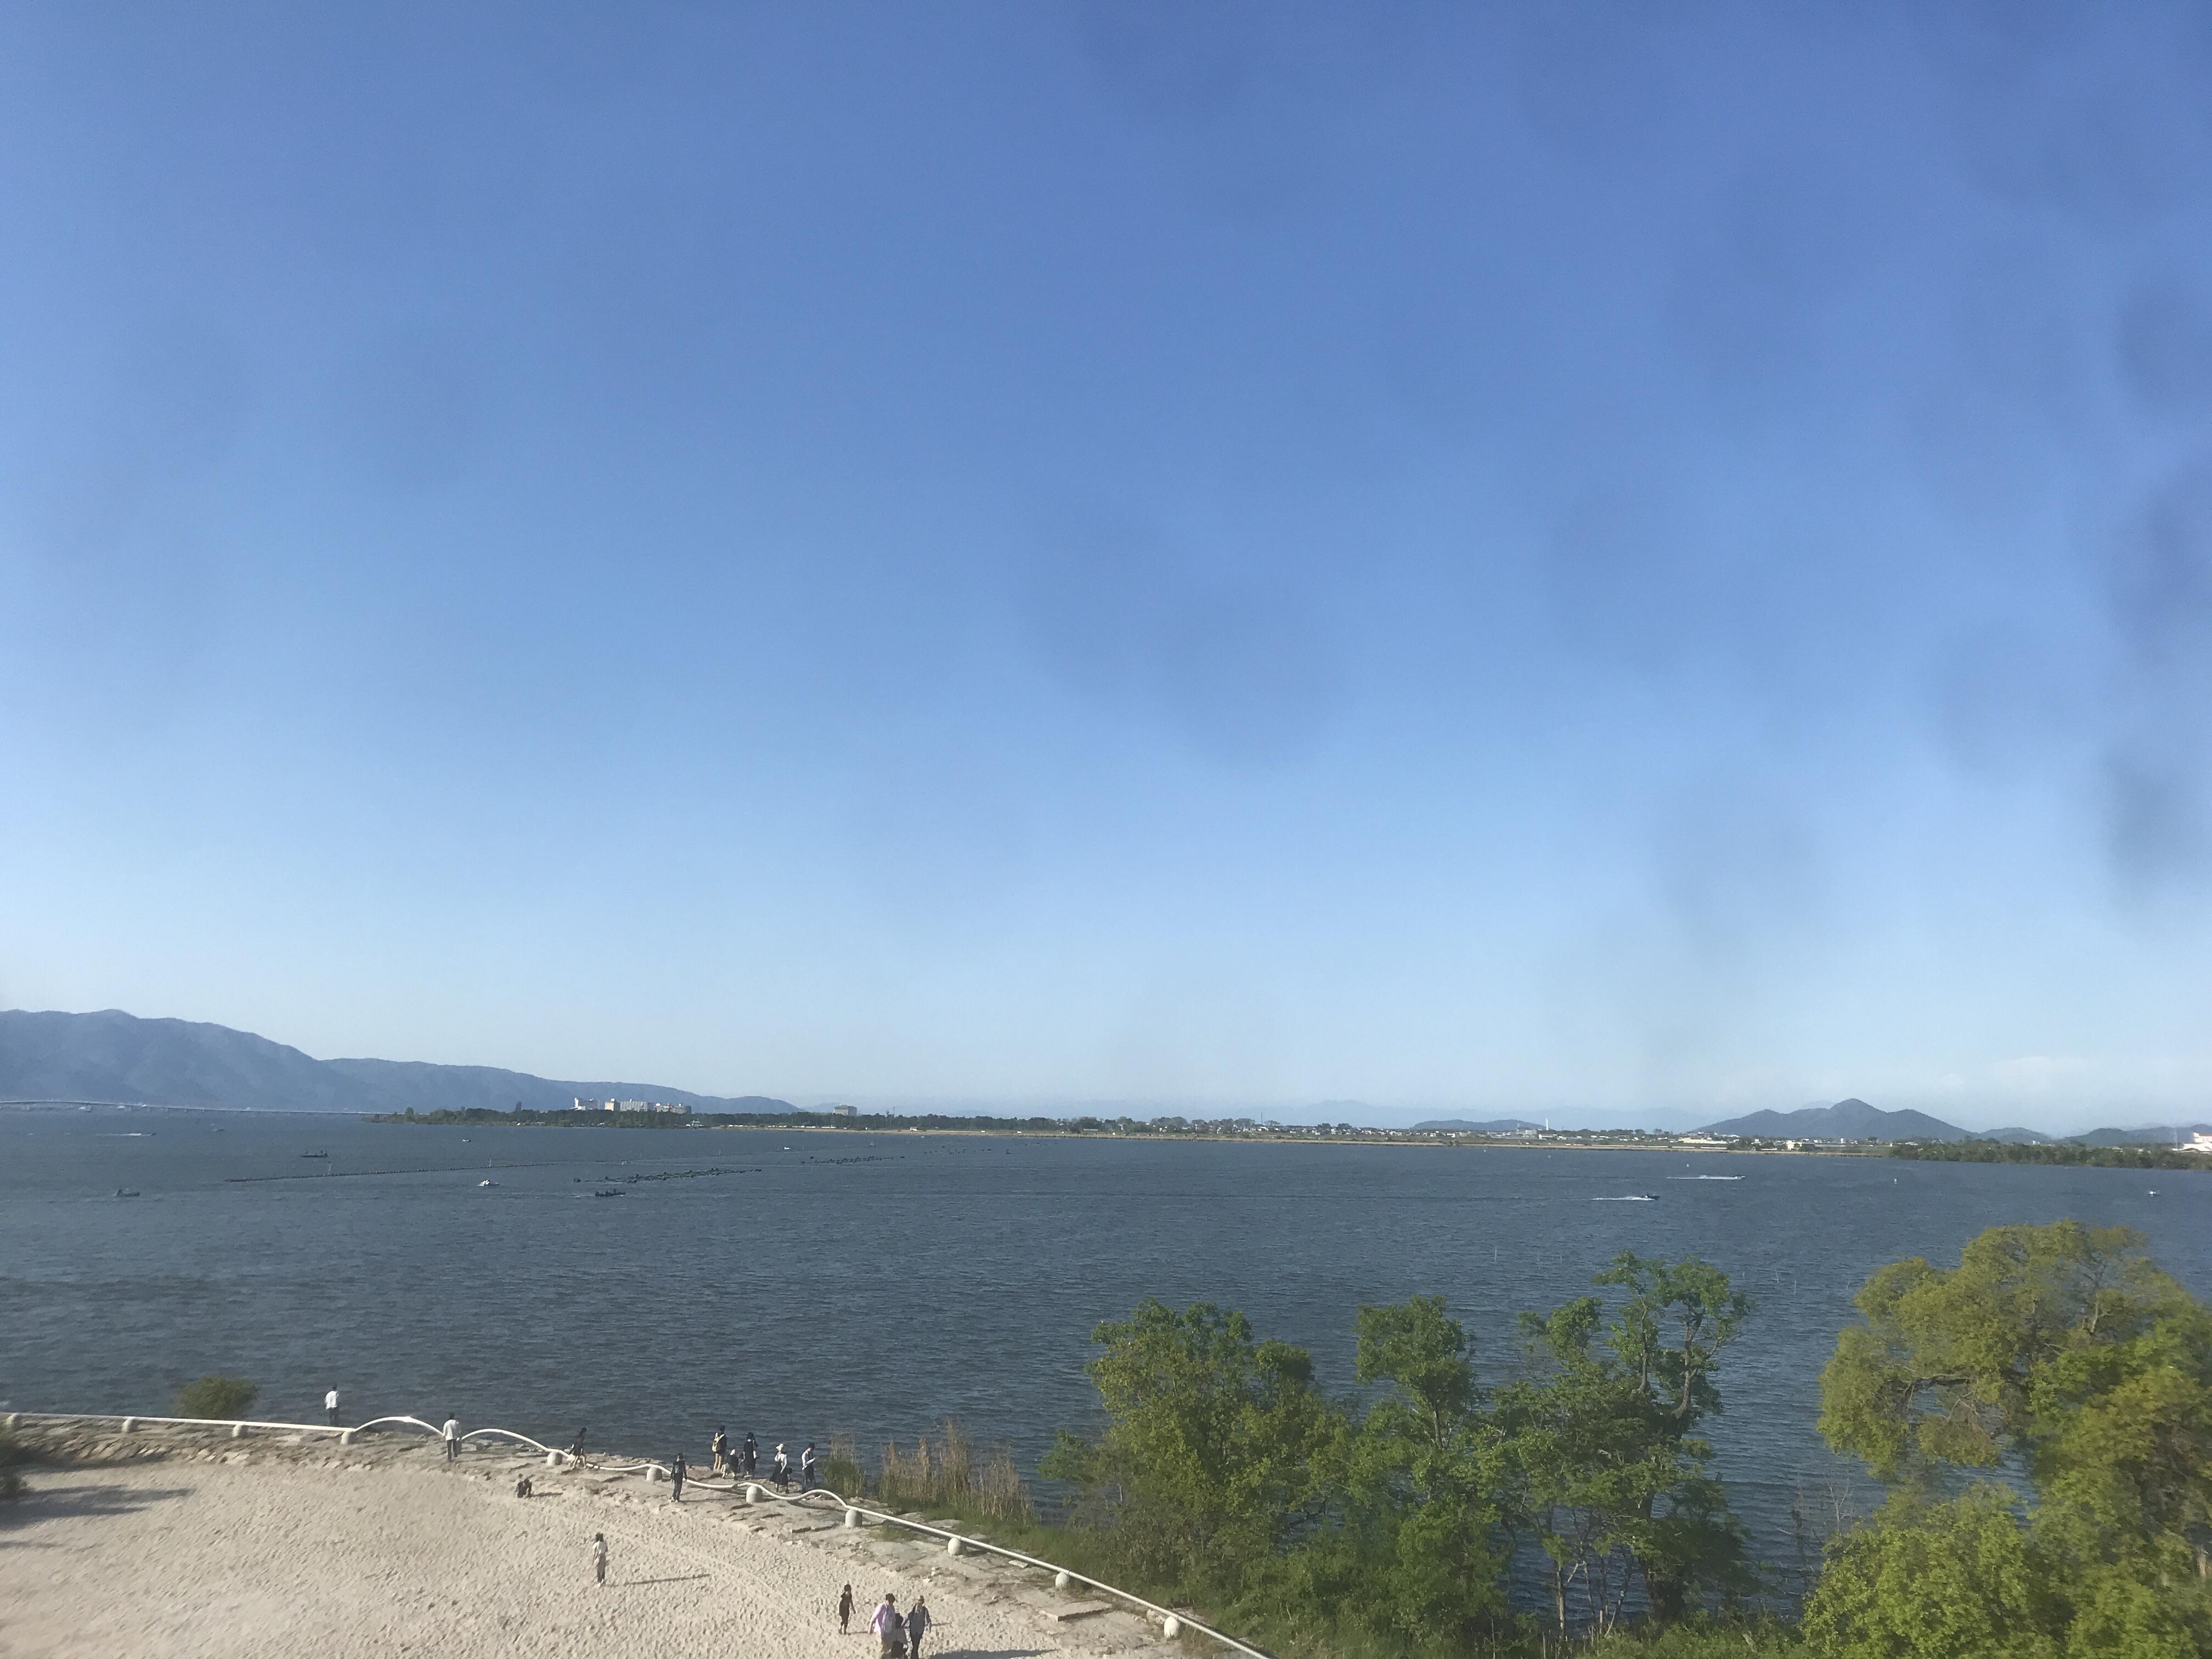 琵琶湖博物館は水族館と博物館と自然の融合施設だった件。